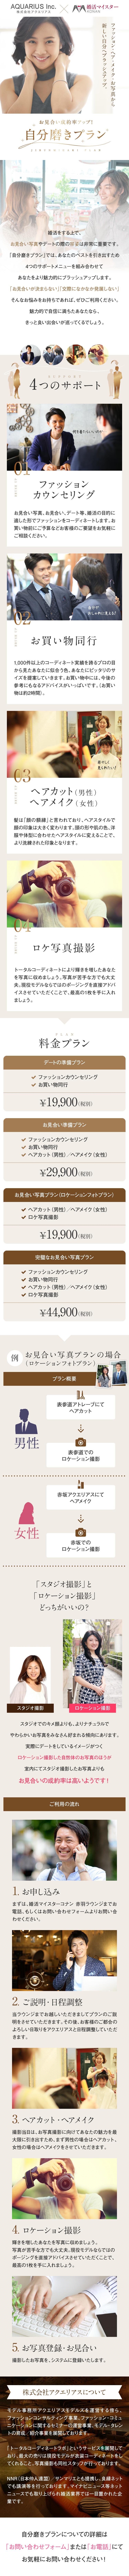 jibunmigaki_smp